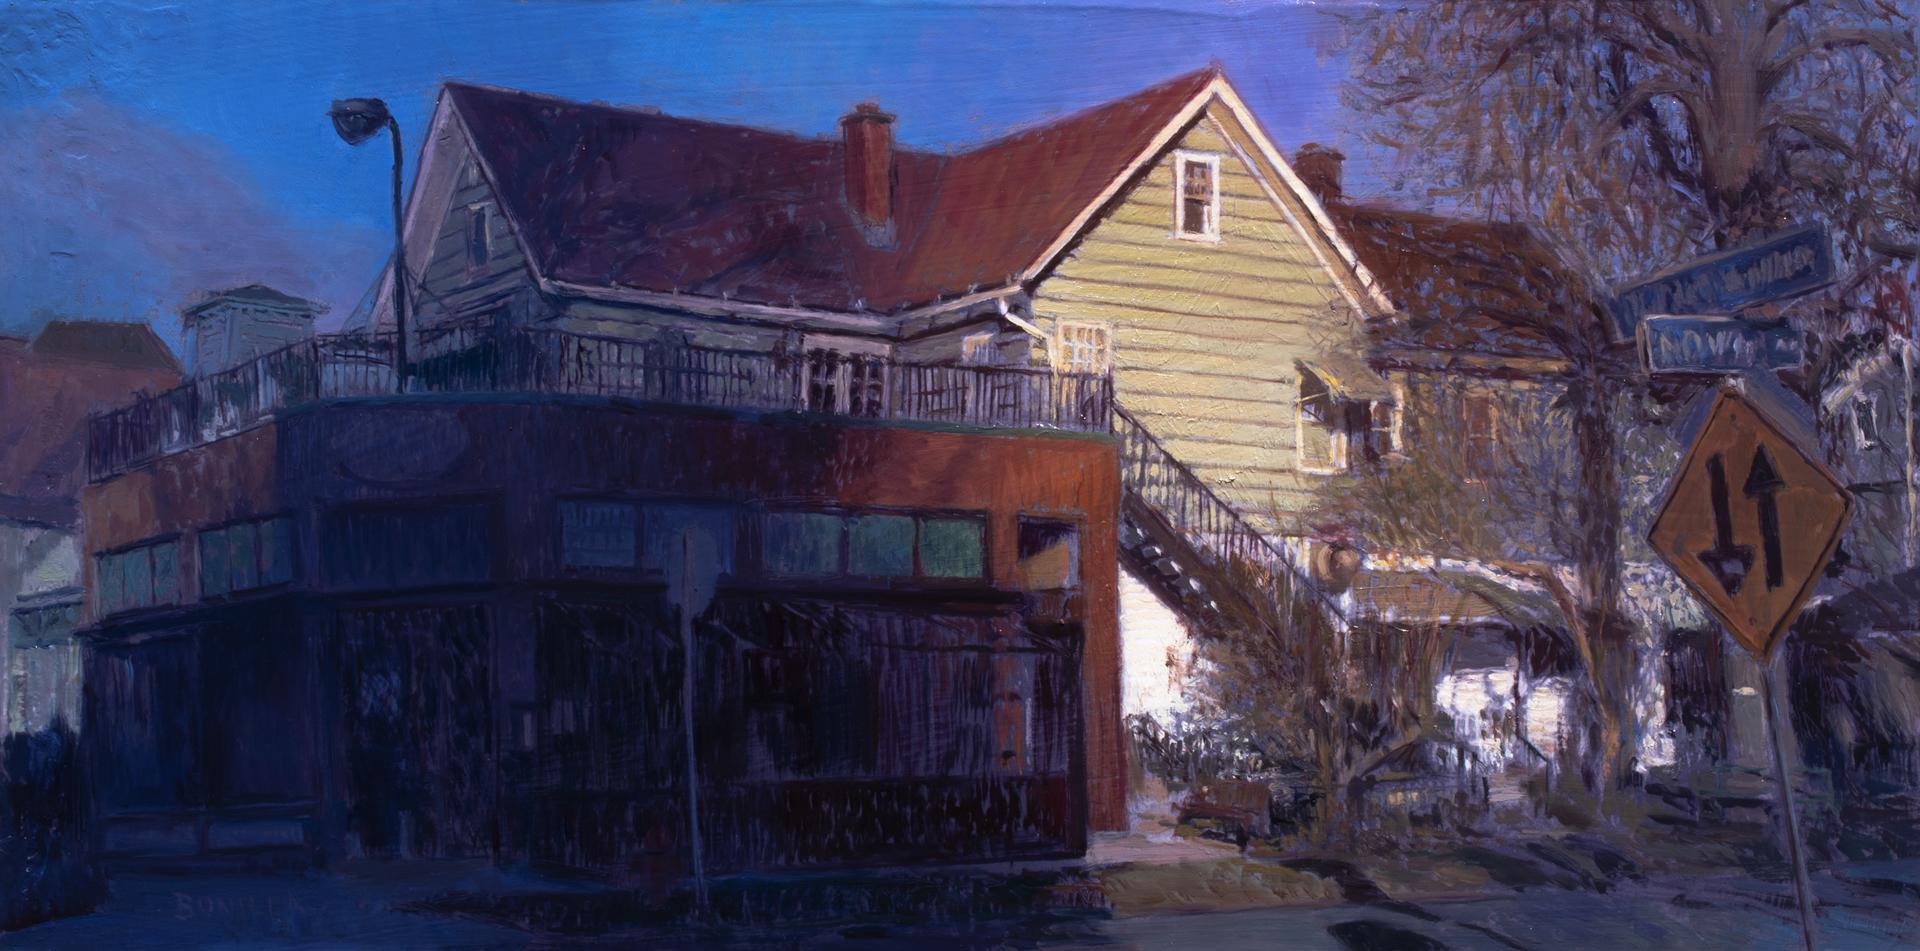 Pennsylvania Ave by Raymond Bonilla